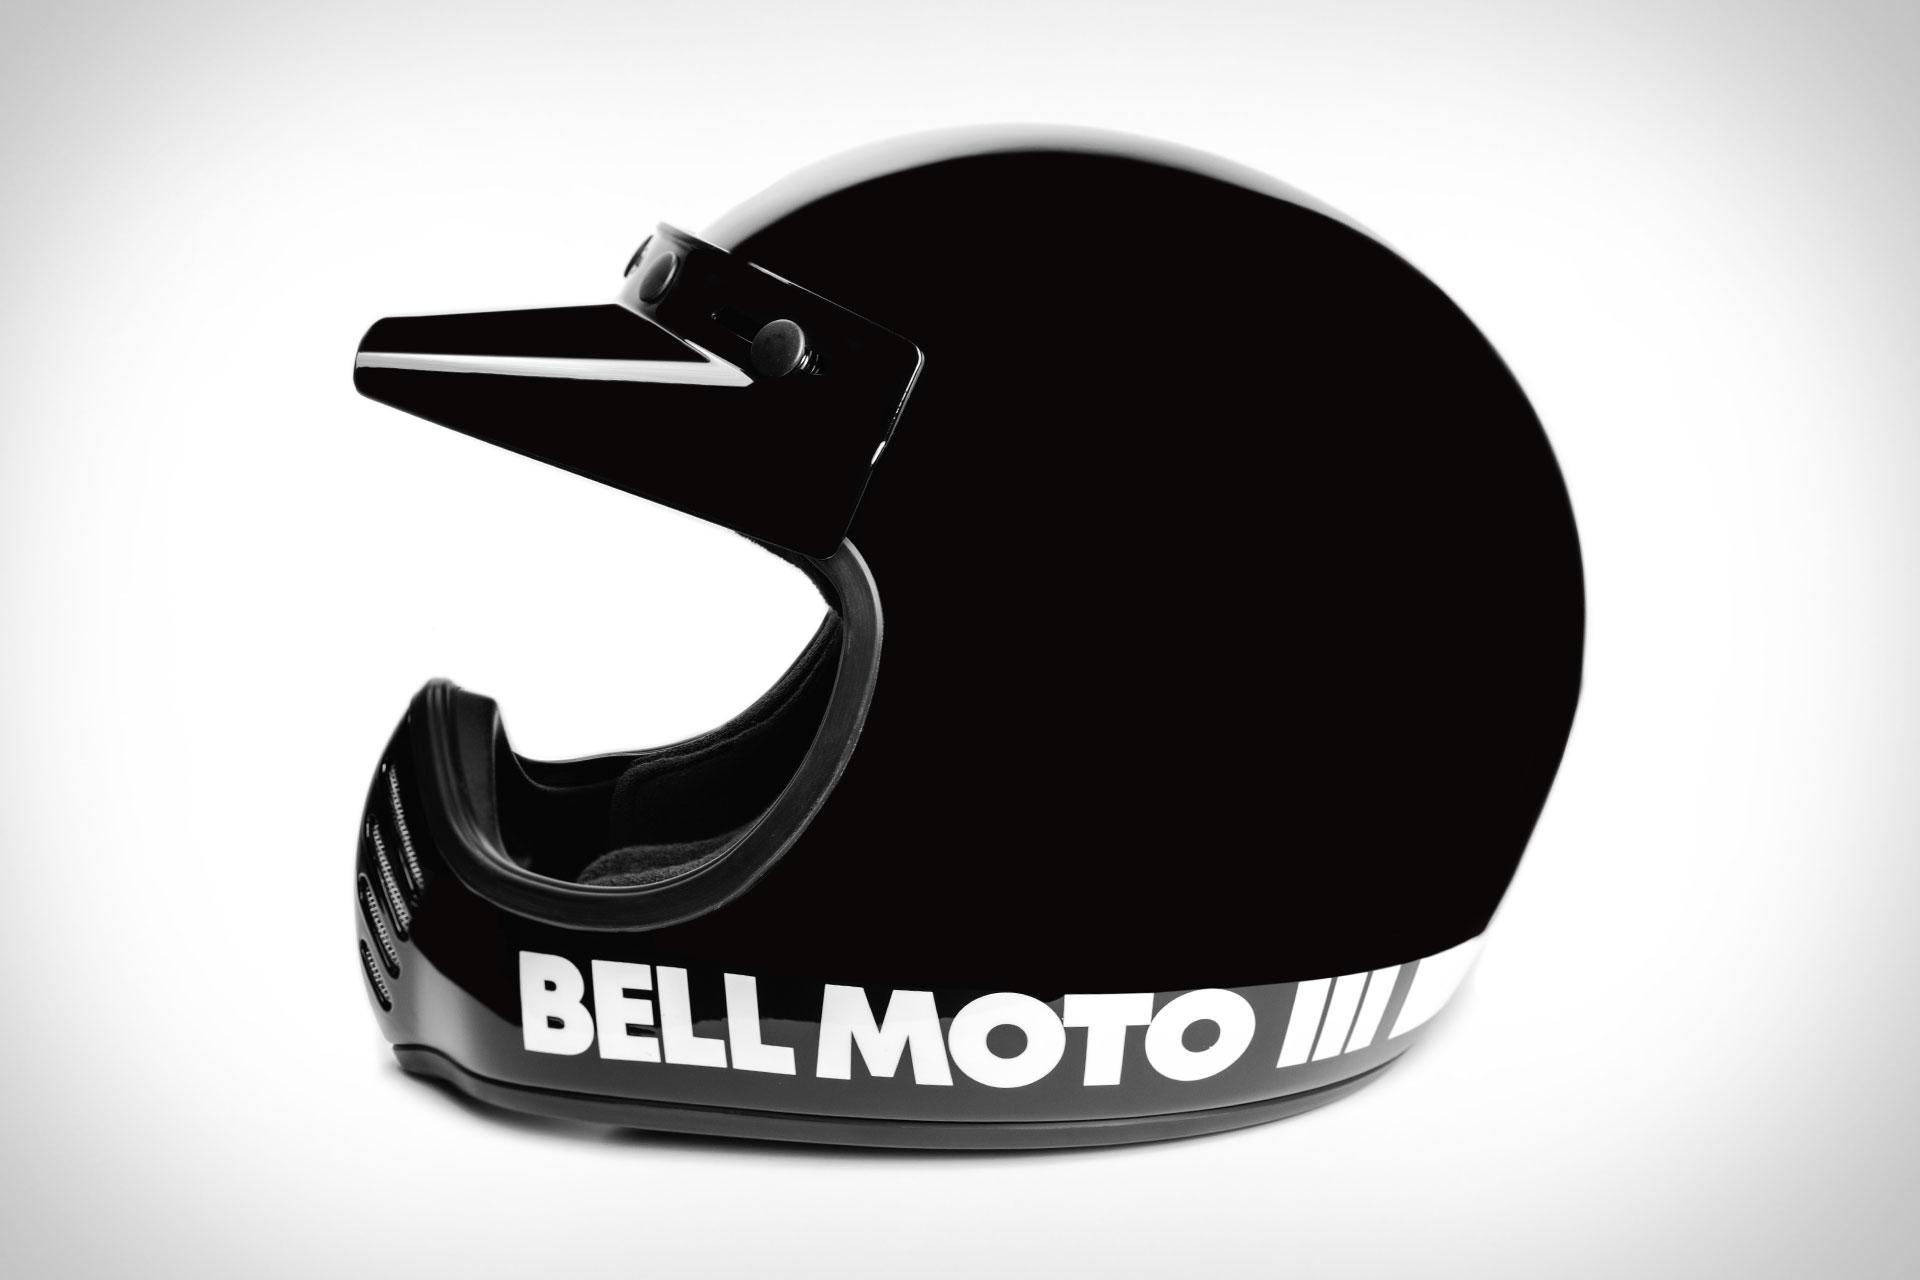 Bell Moto 3 >> Bell Moto 3 Helmet Uncrate